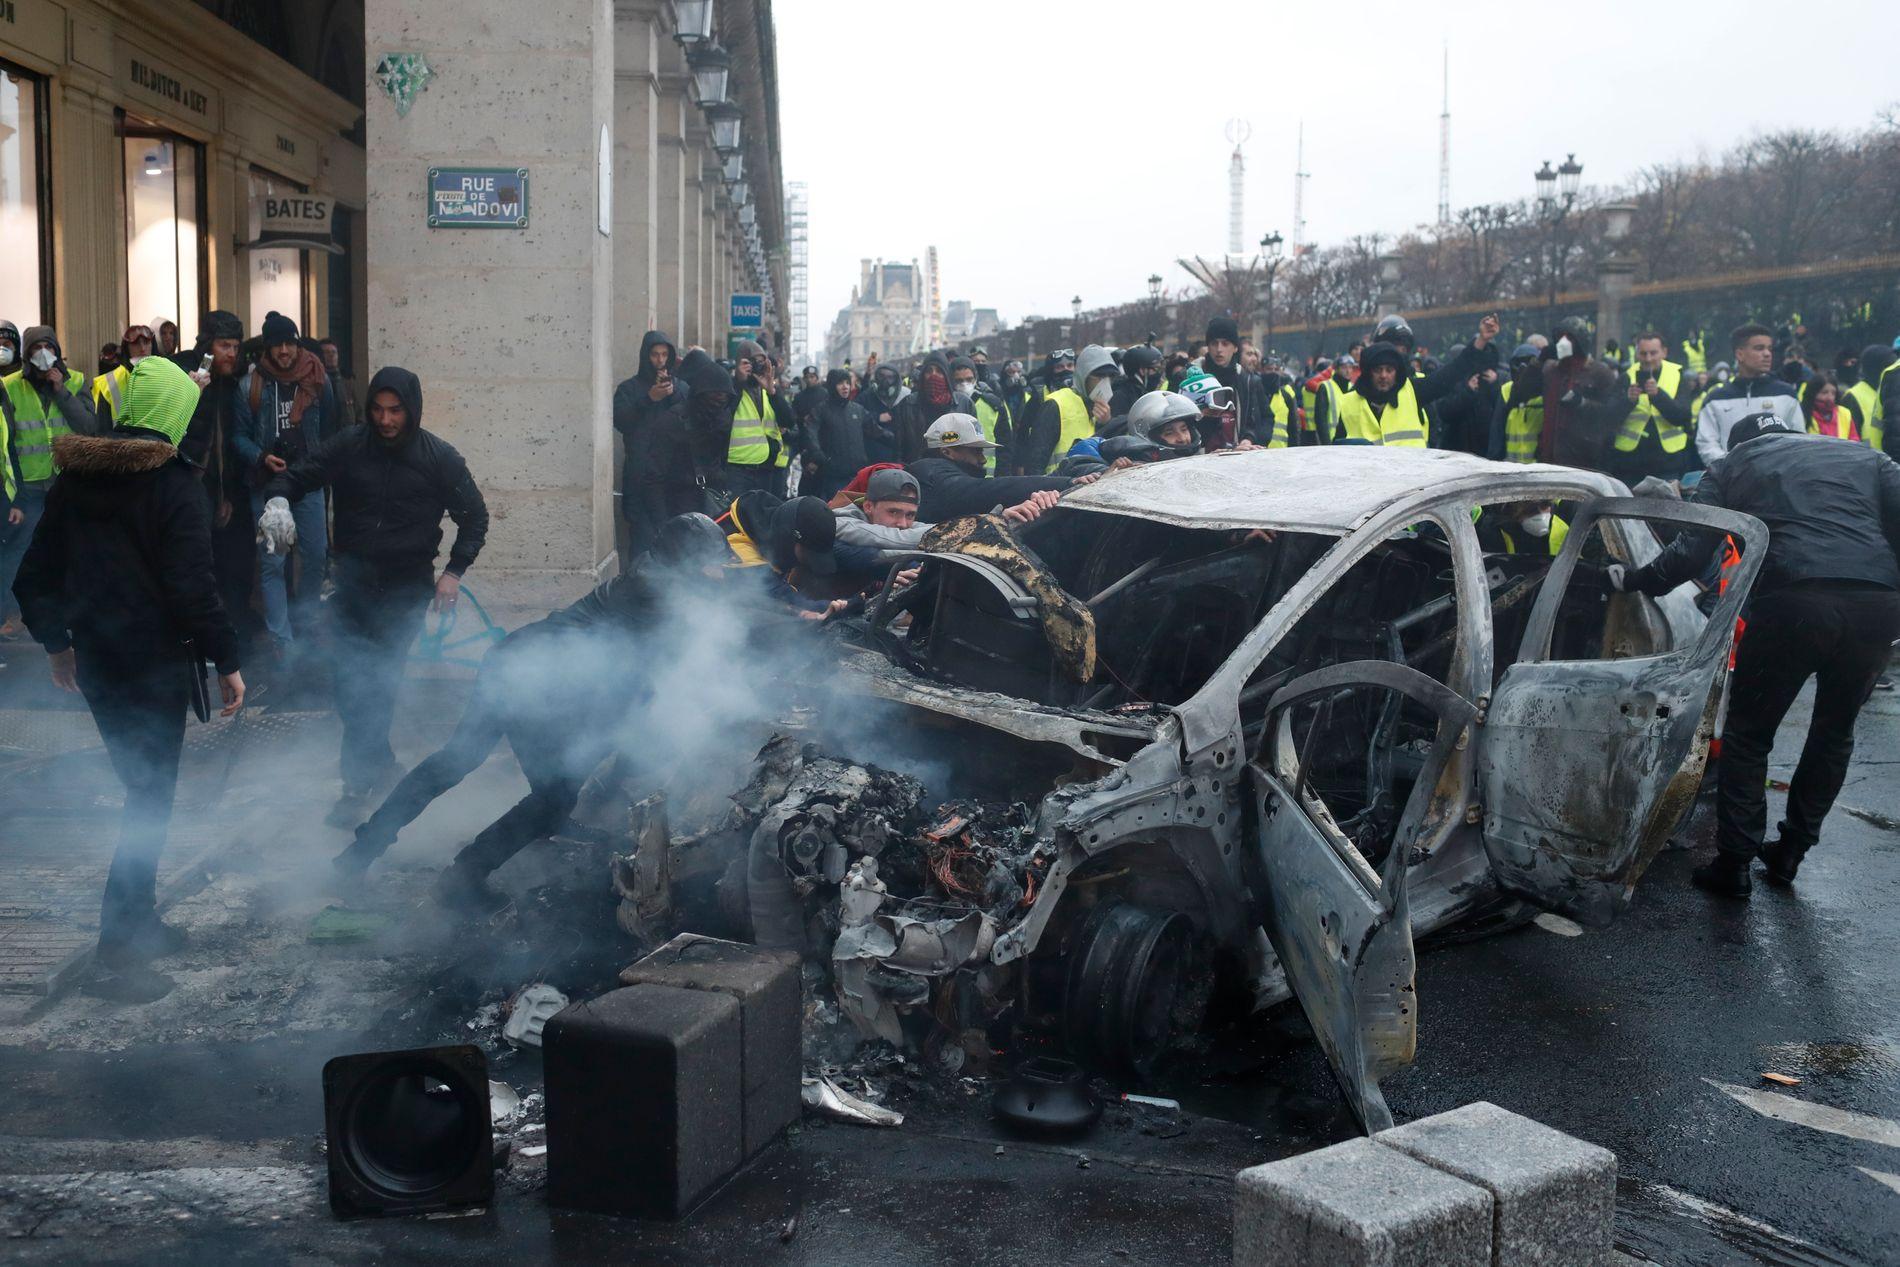 UTBRENT: Demonstranter dytter en utbrent bil under lørdagens protester i Paris